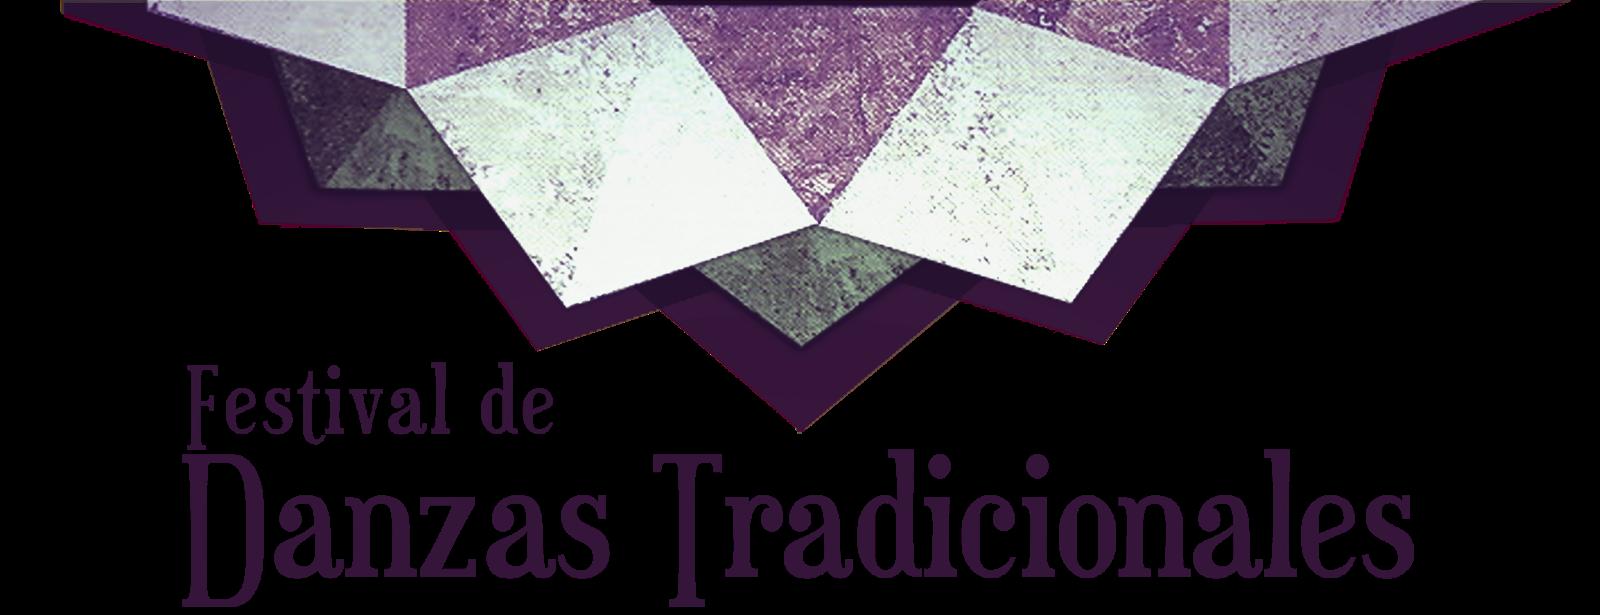 Festival de Danzas Tradicionales - Chile